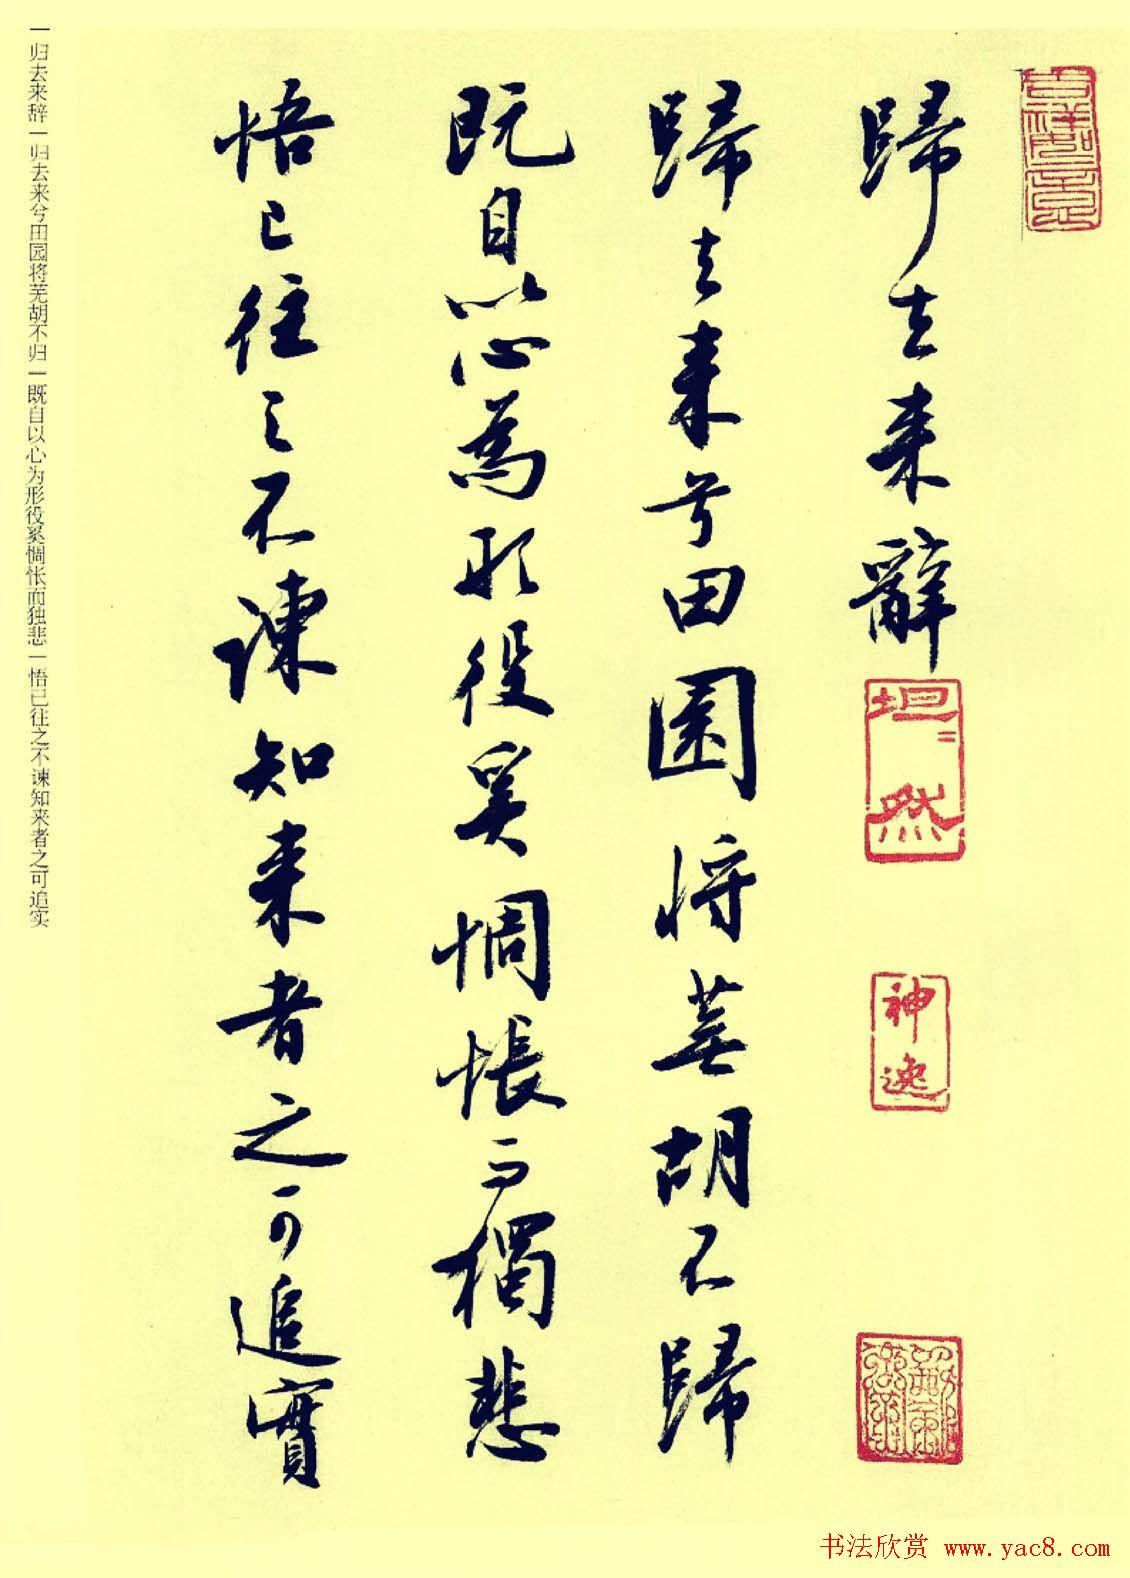 刘小晴行书《归去来辞》和《桃花源记》